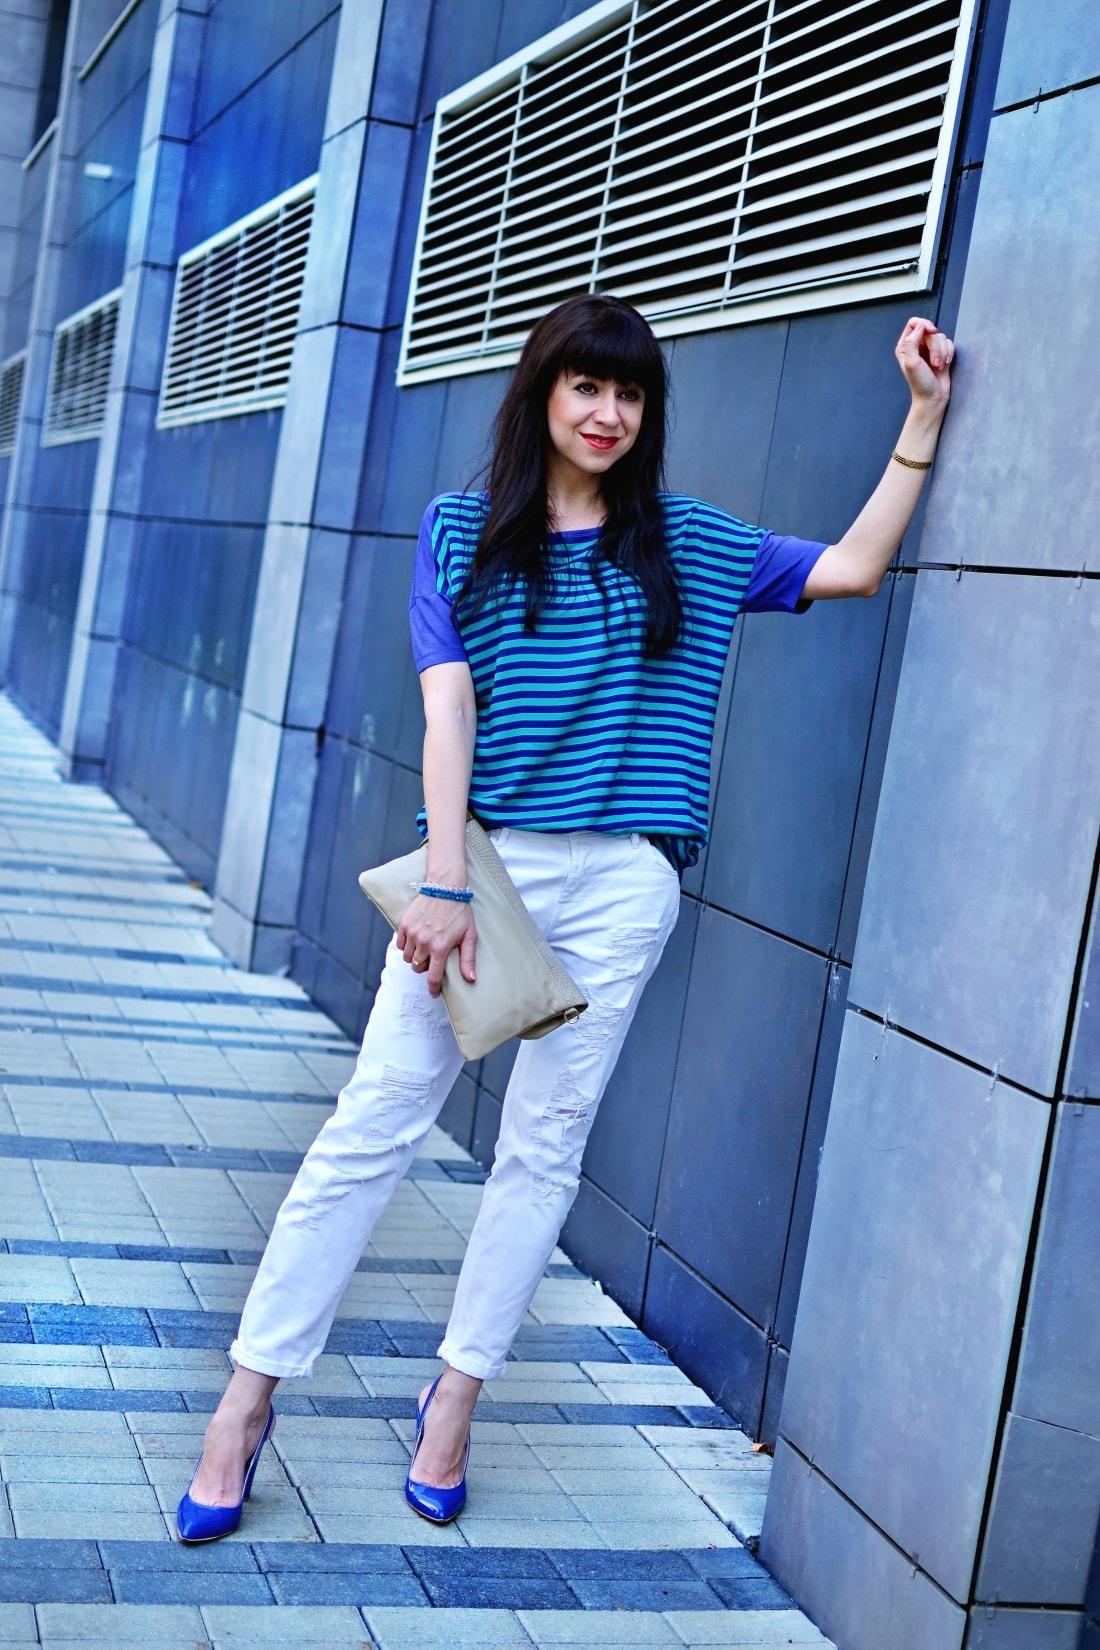 BLOG A WORDPRESS_Katharine-fashion is beautiful blog 2_wordpress_Biele džínsy_Prúžky_Pásiky_Katarína Jakubčová_Fashion blogger